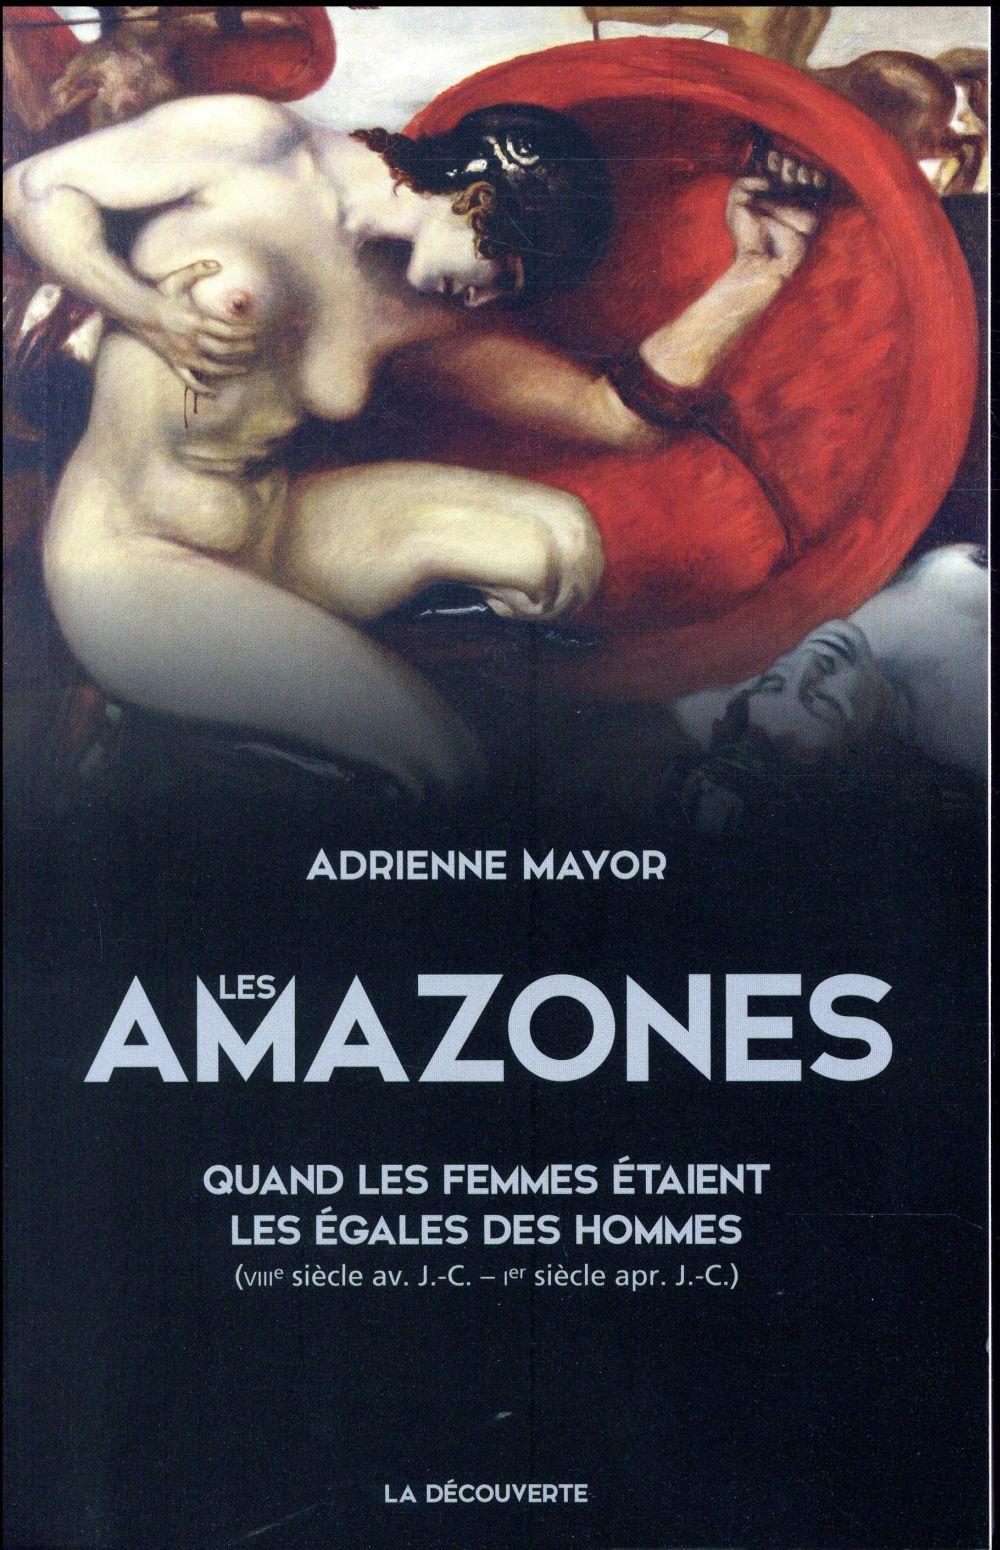 LES AMAZONES - QUAND LES FEMME MAYOR LA DECOUVERTE